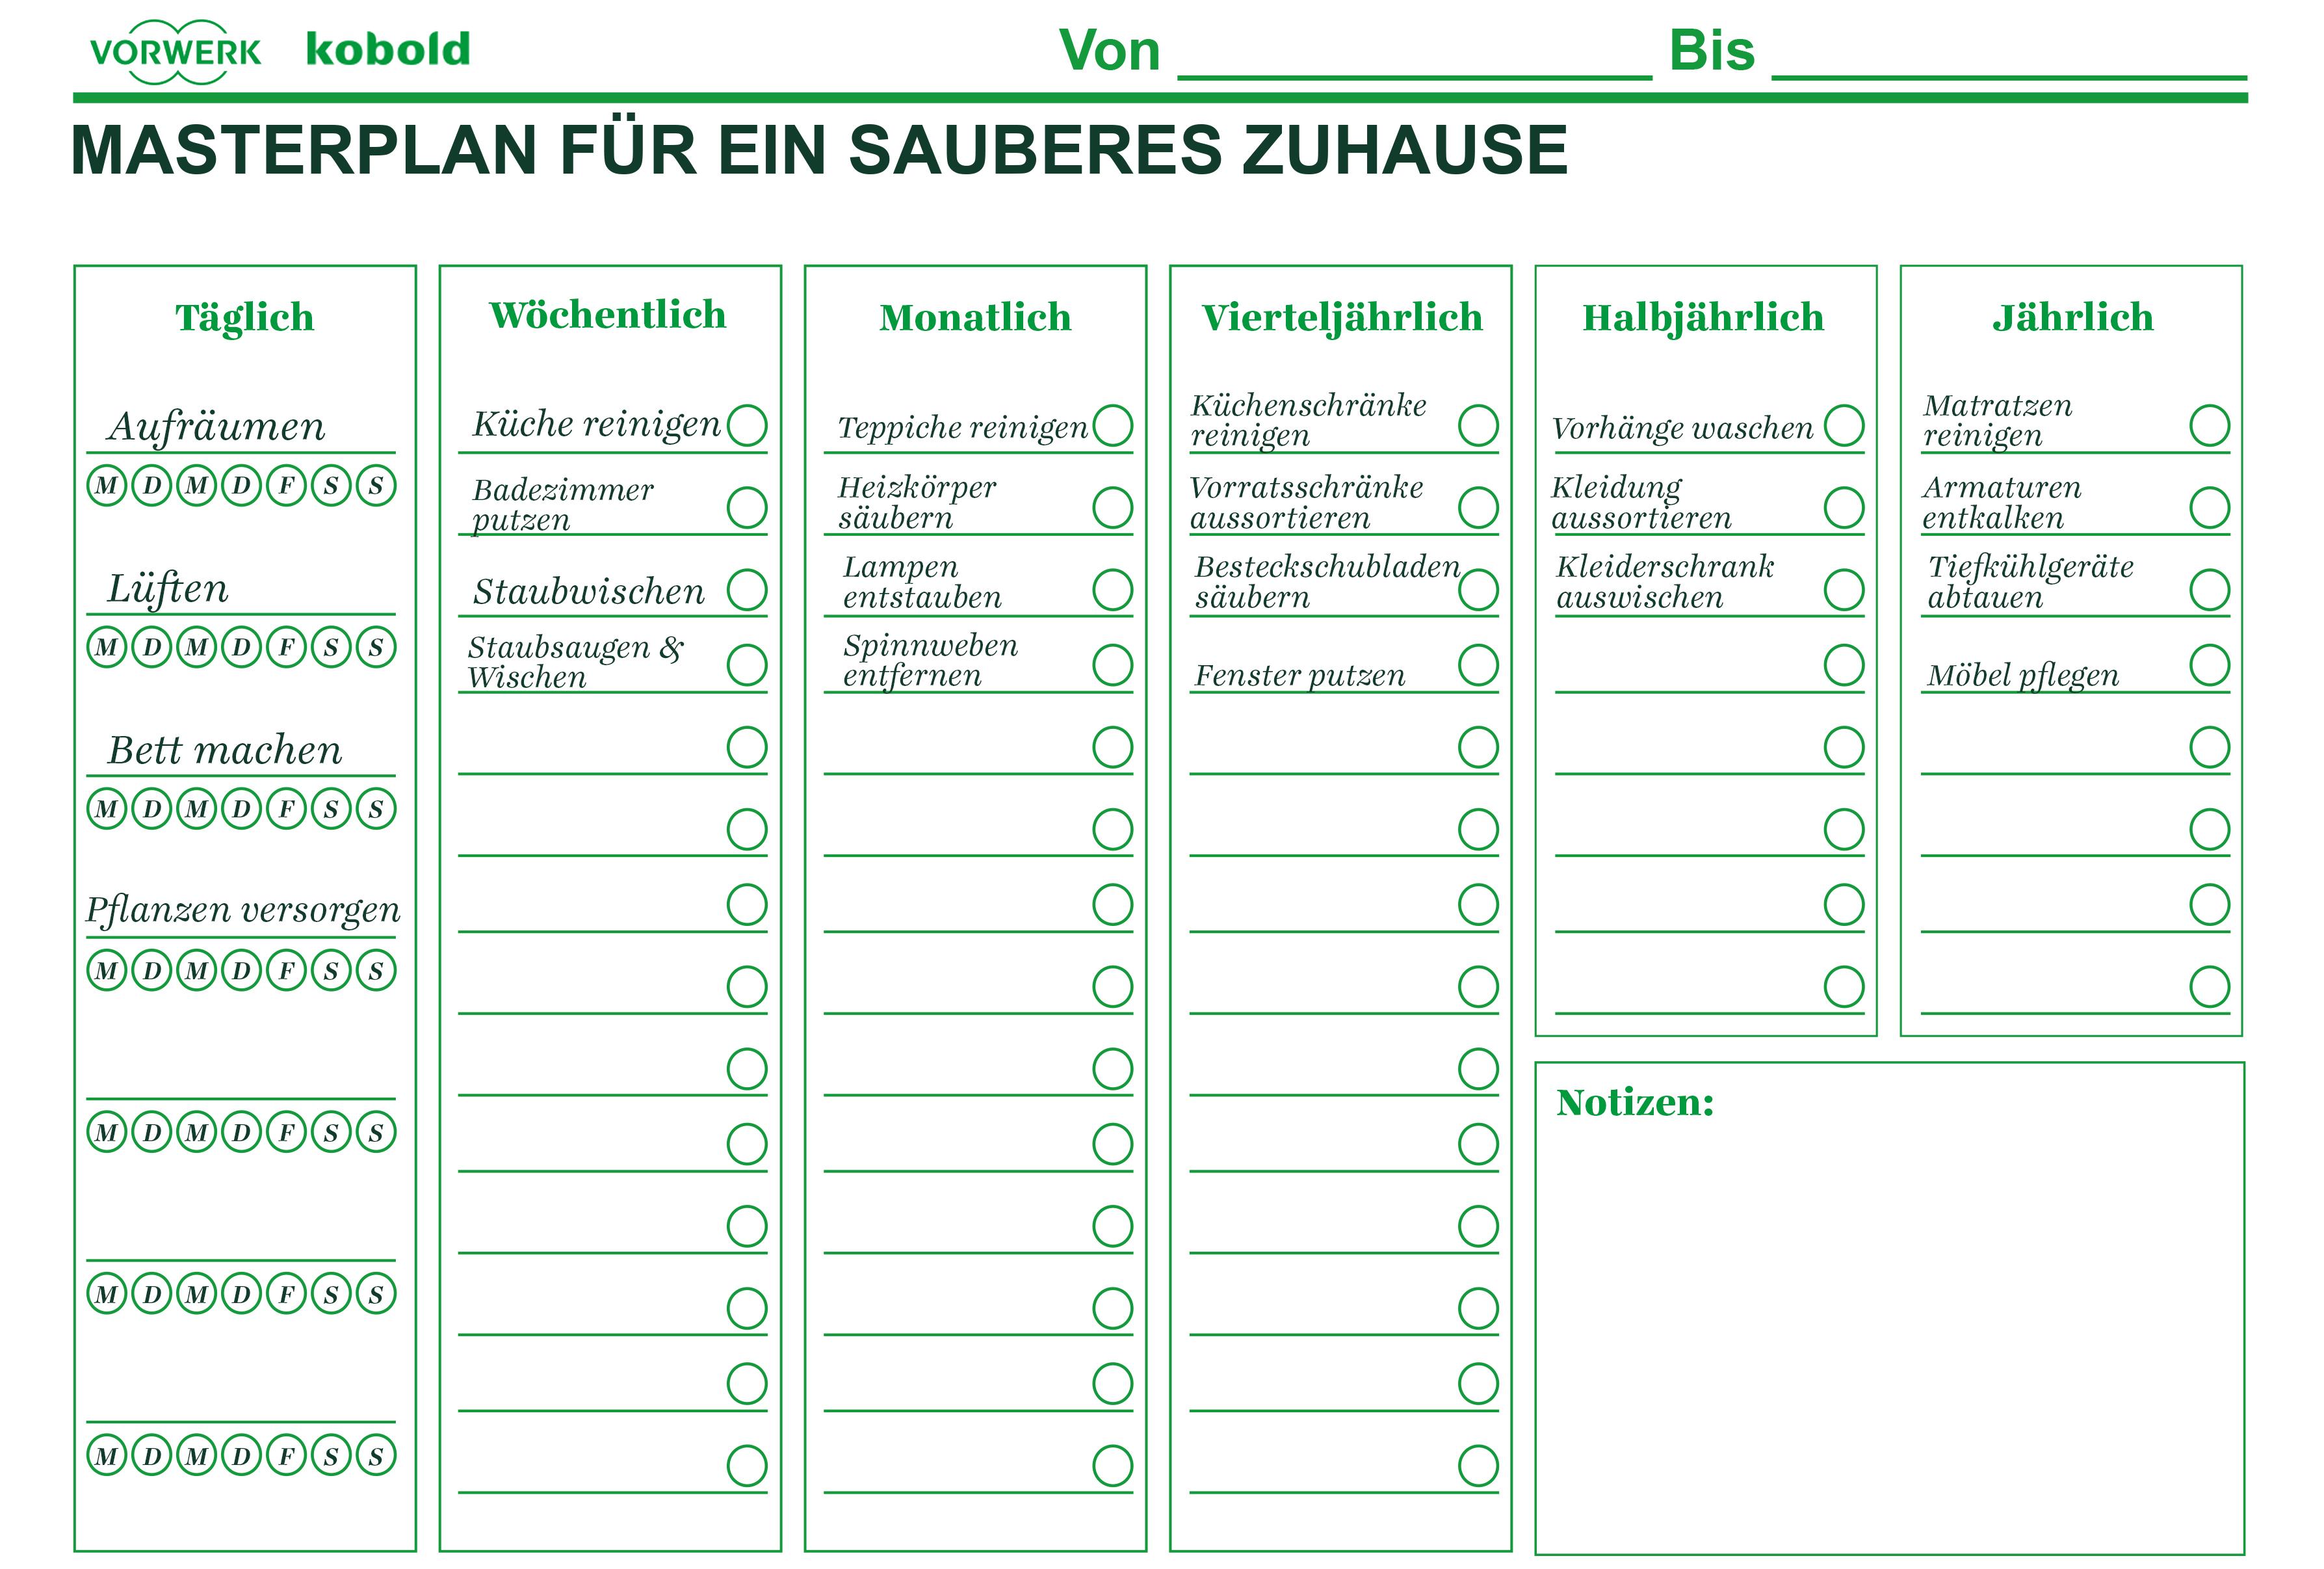 Putzplan Vorlage zum Ausdrucken Wochenplan & Jahresplan ...